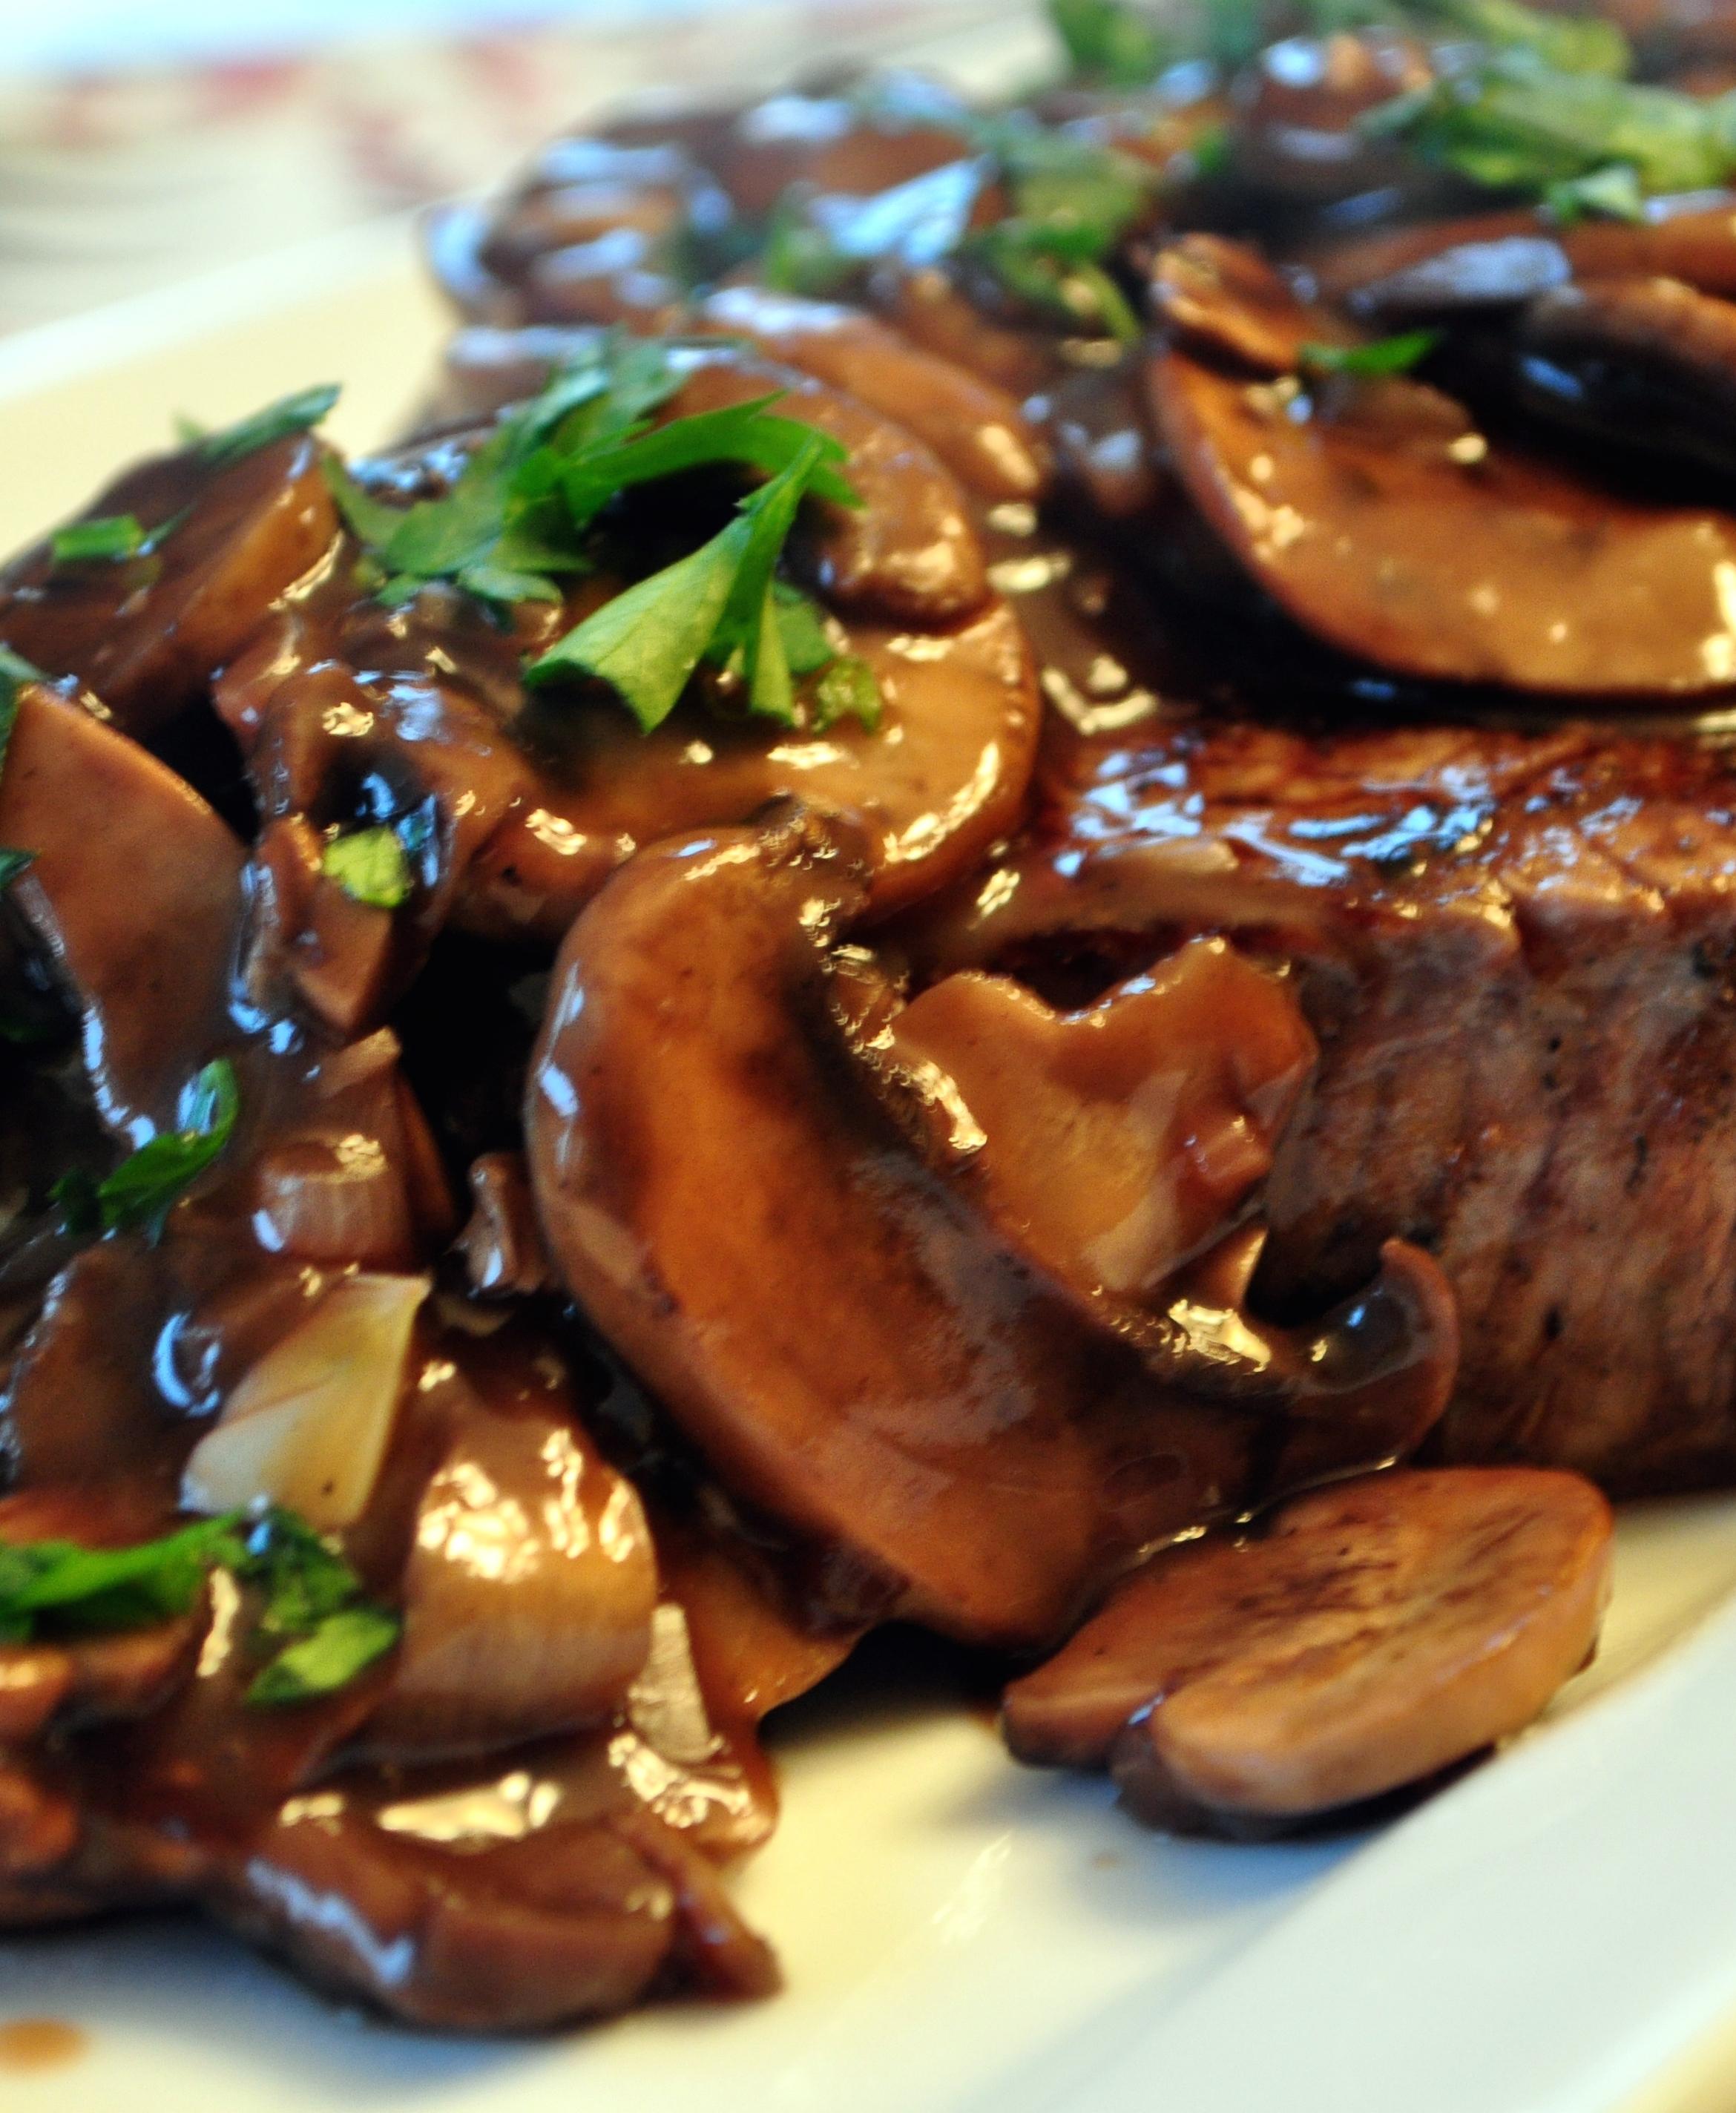 Beaf Tenderloin mushrooms